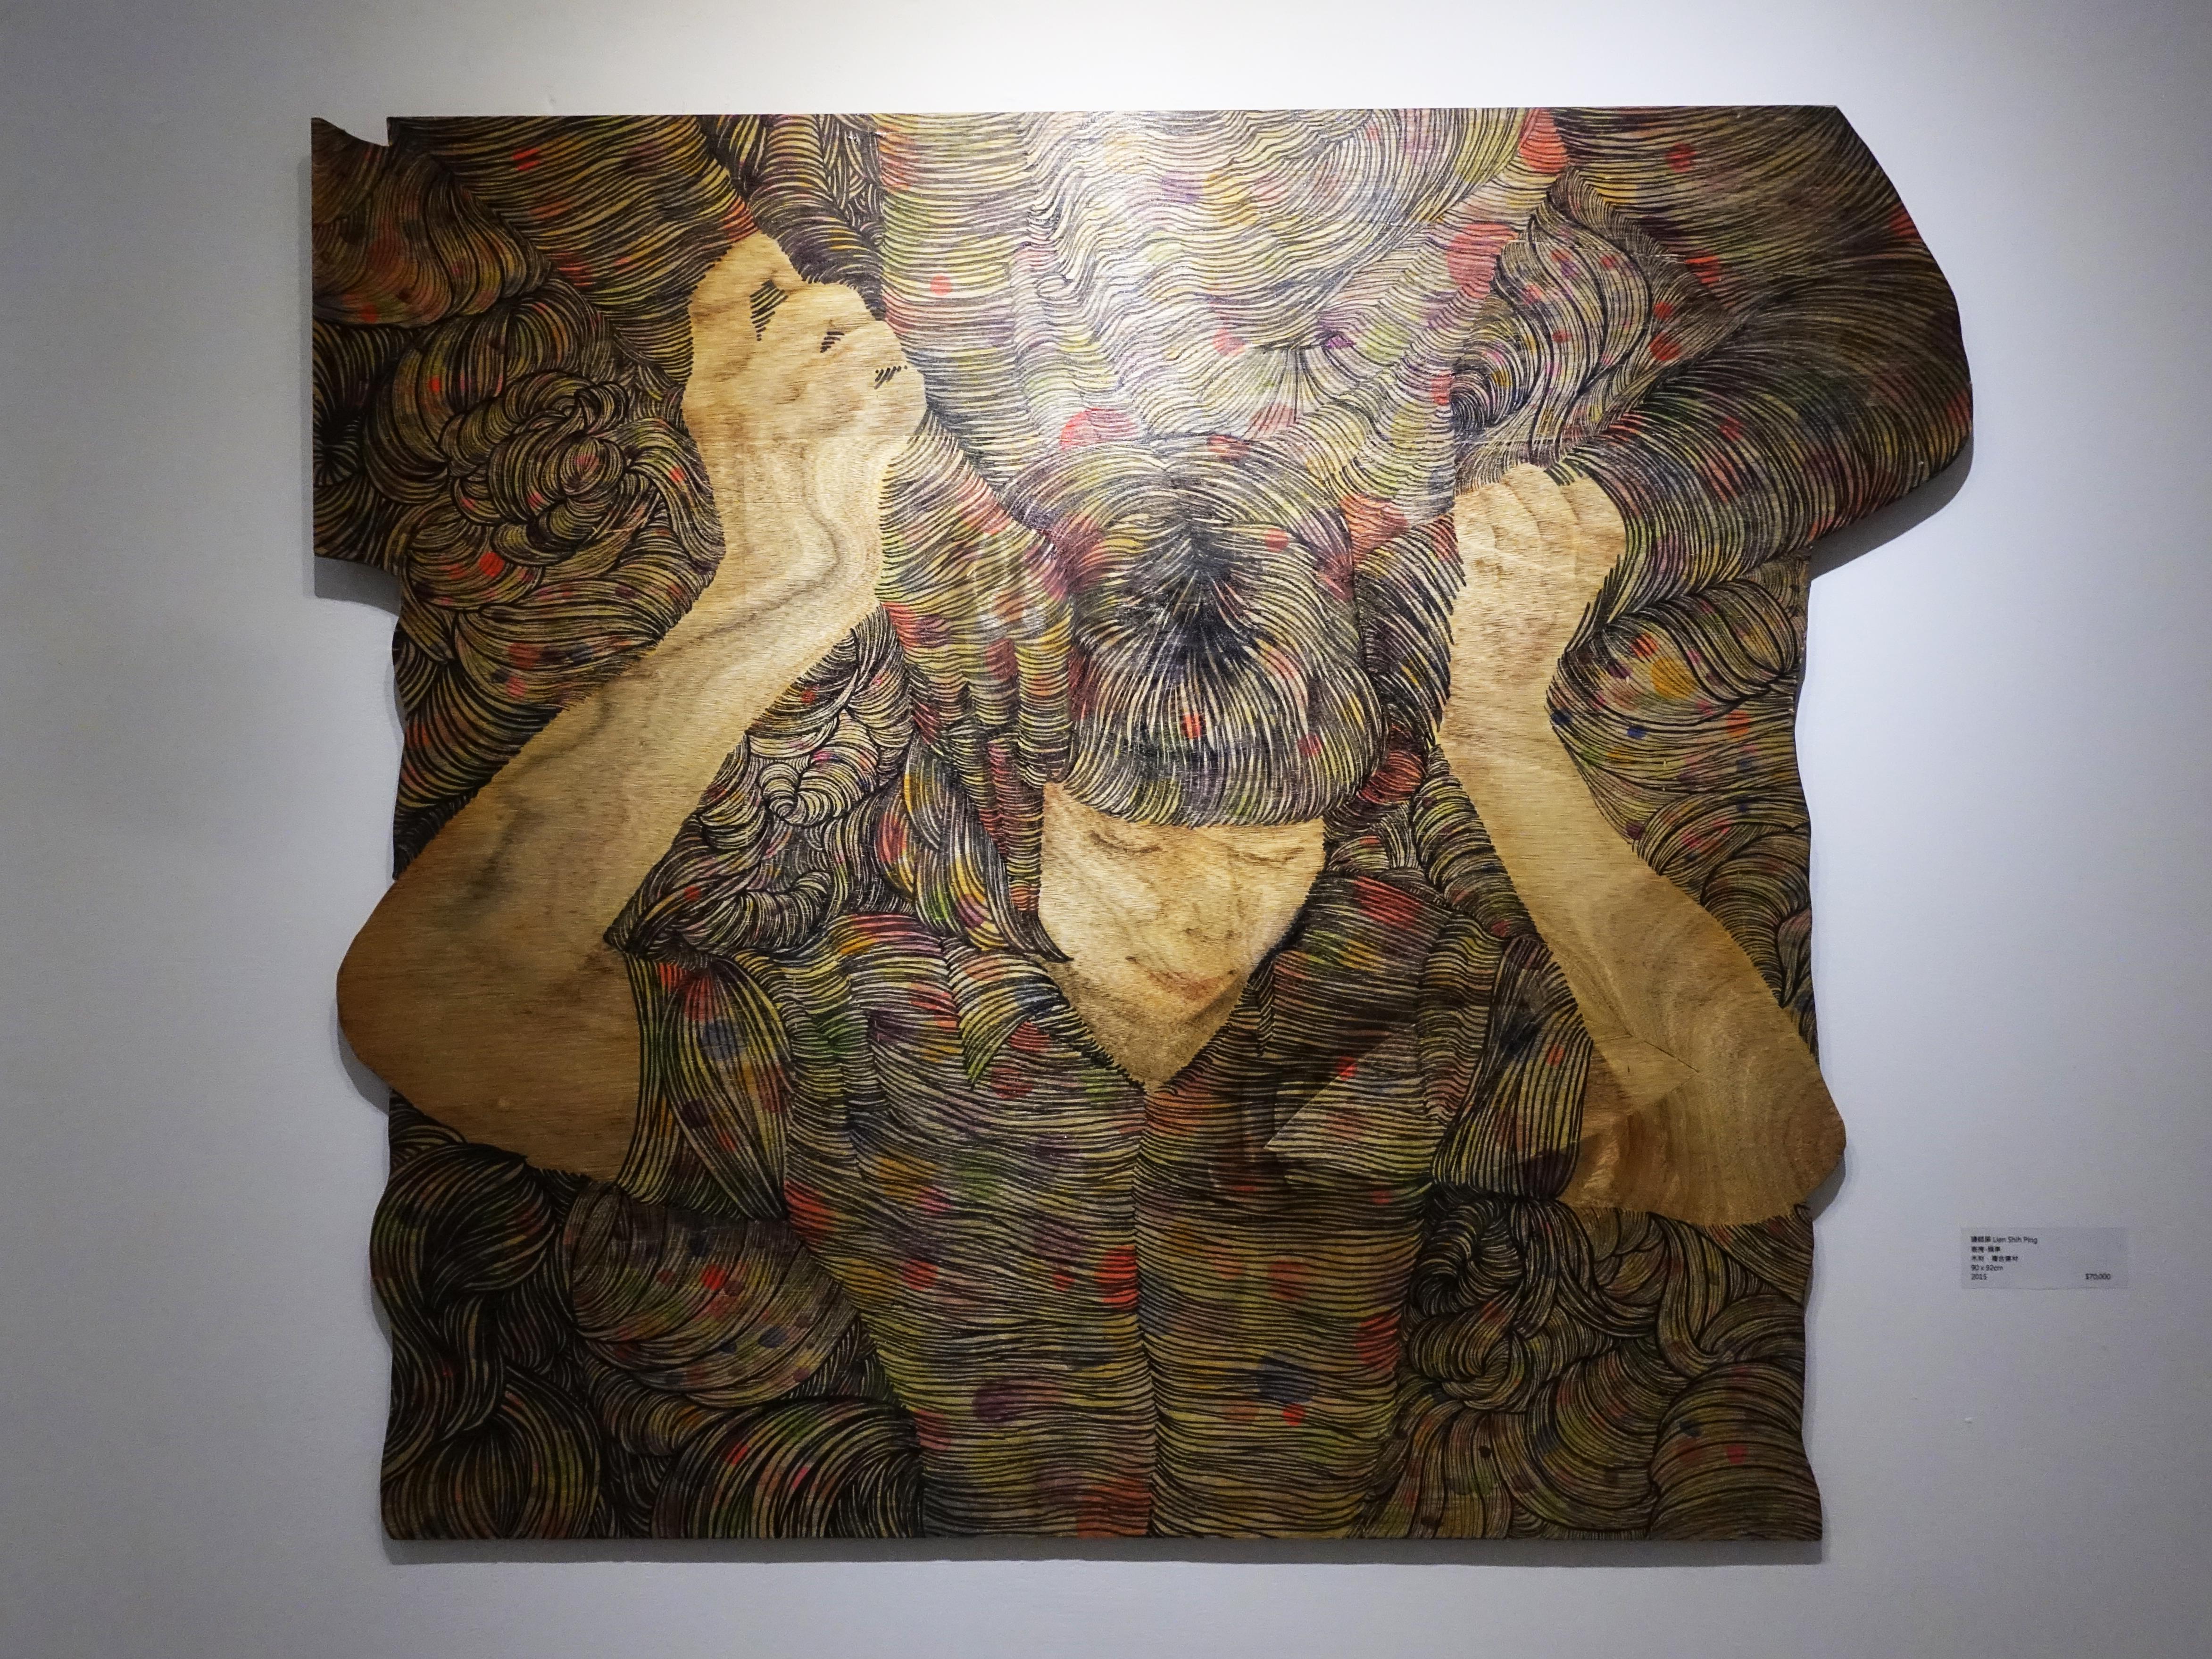 連師屏,《表掩-頻率》,木材、複合媒材,90 x 92 cm,2015。